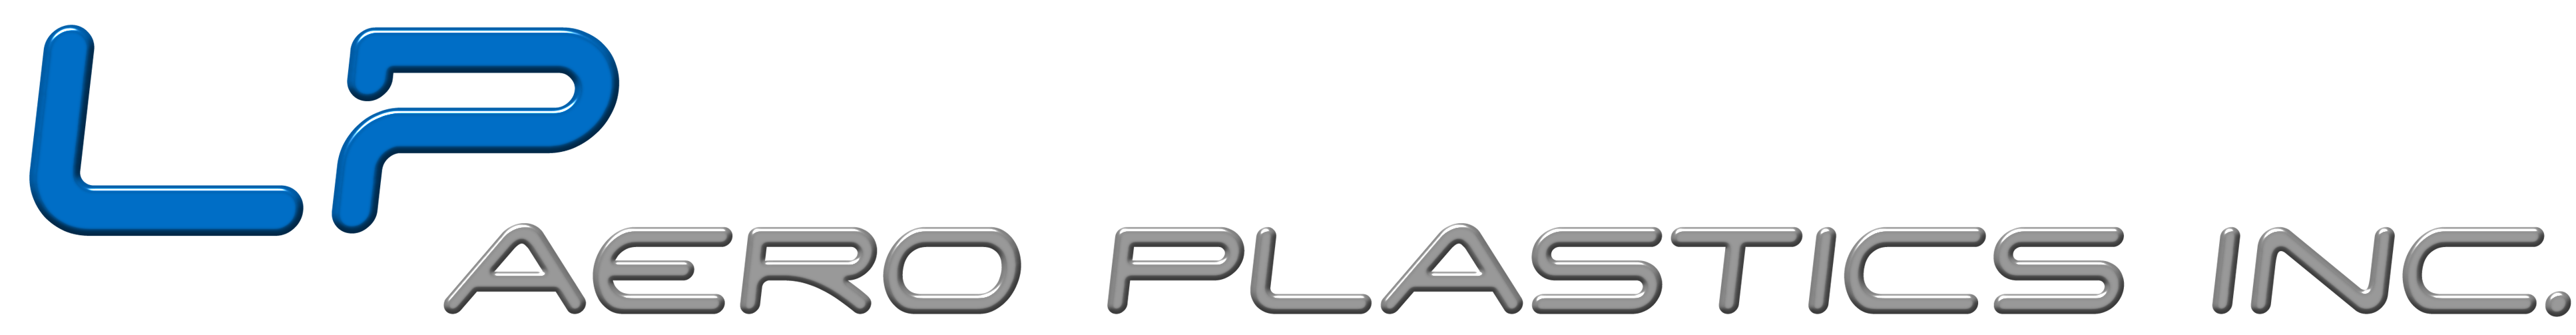 LP Aero Plastics Inc.